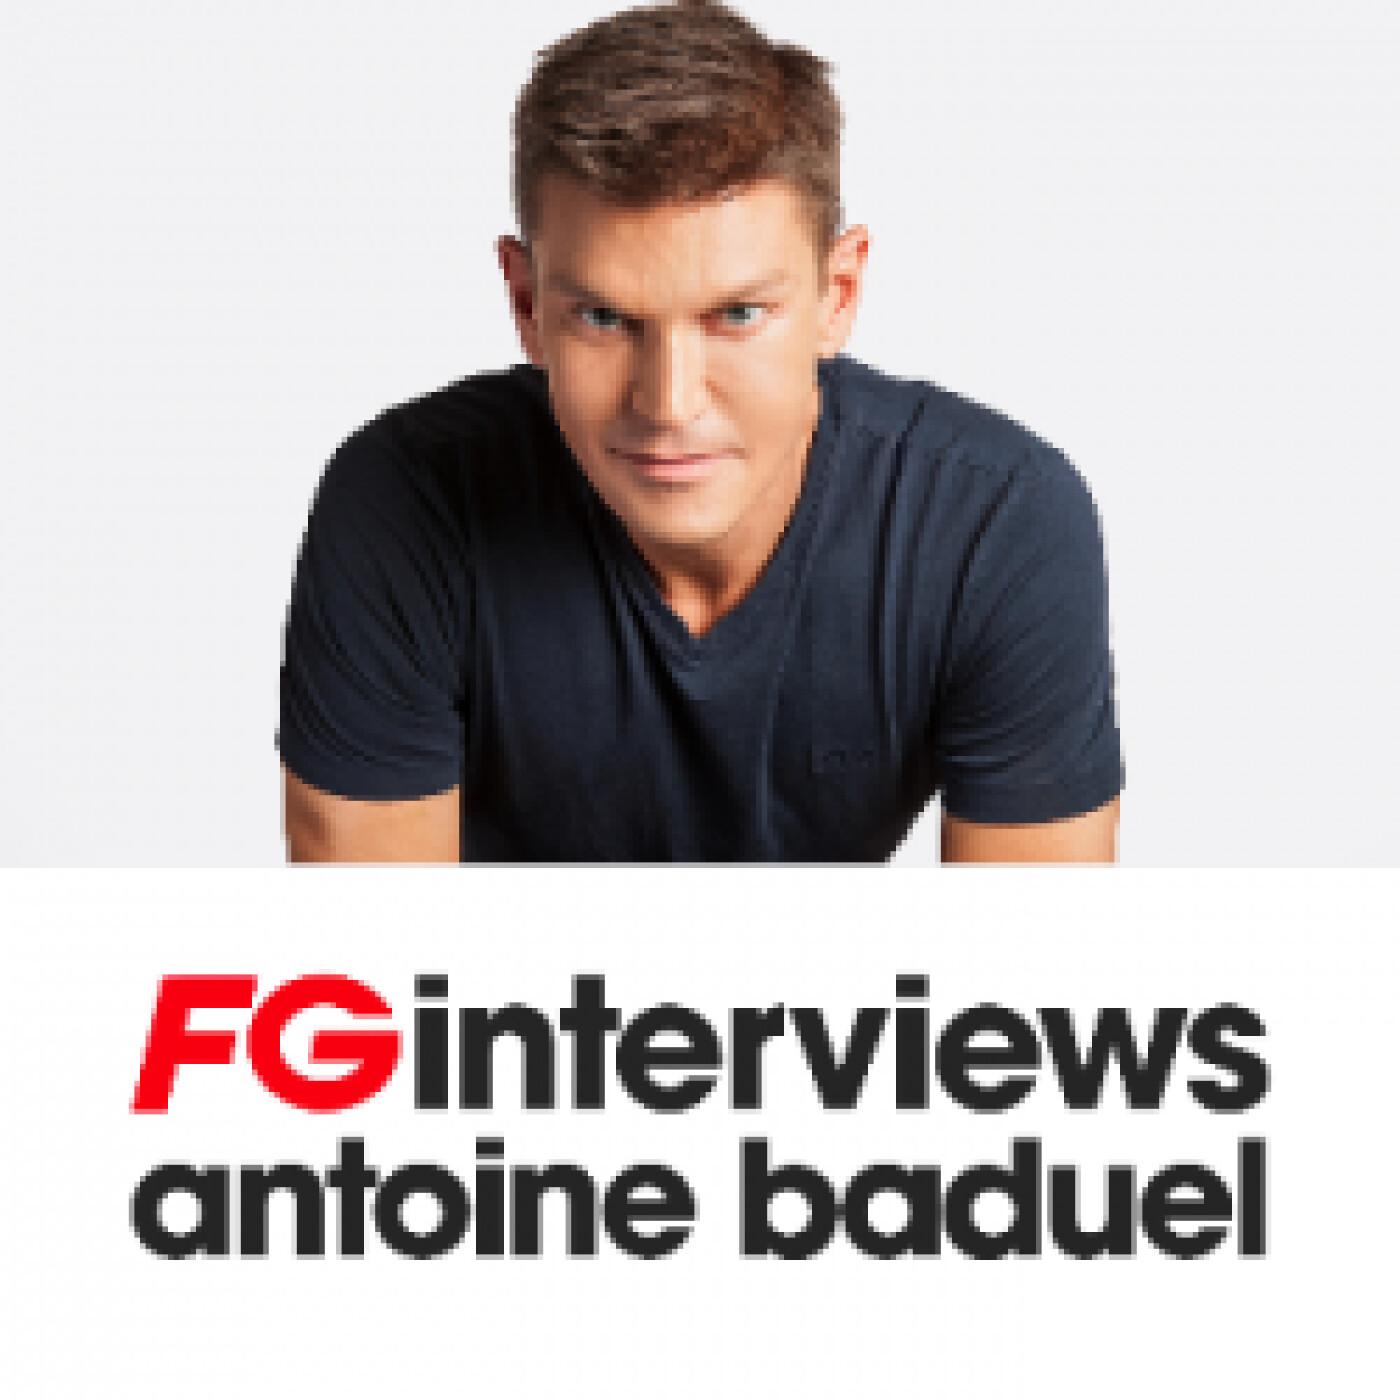 L'INTERVIEW DE CATHY GUETTA DANS L'HAPPY HOUR FG